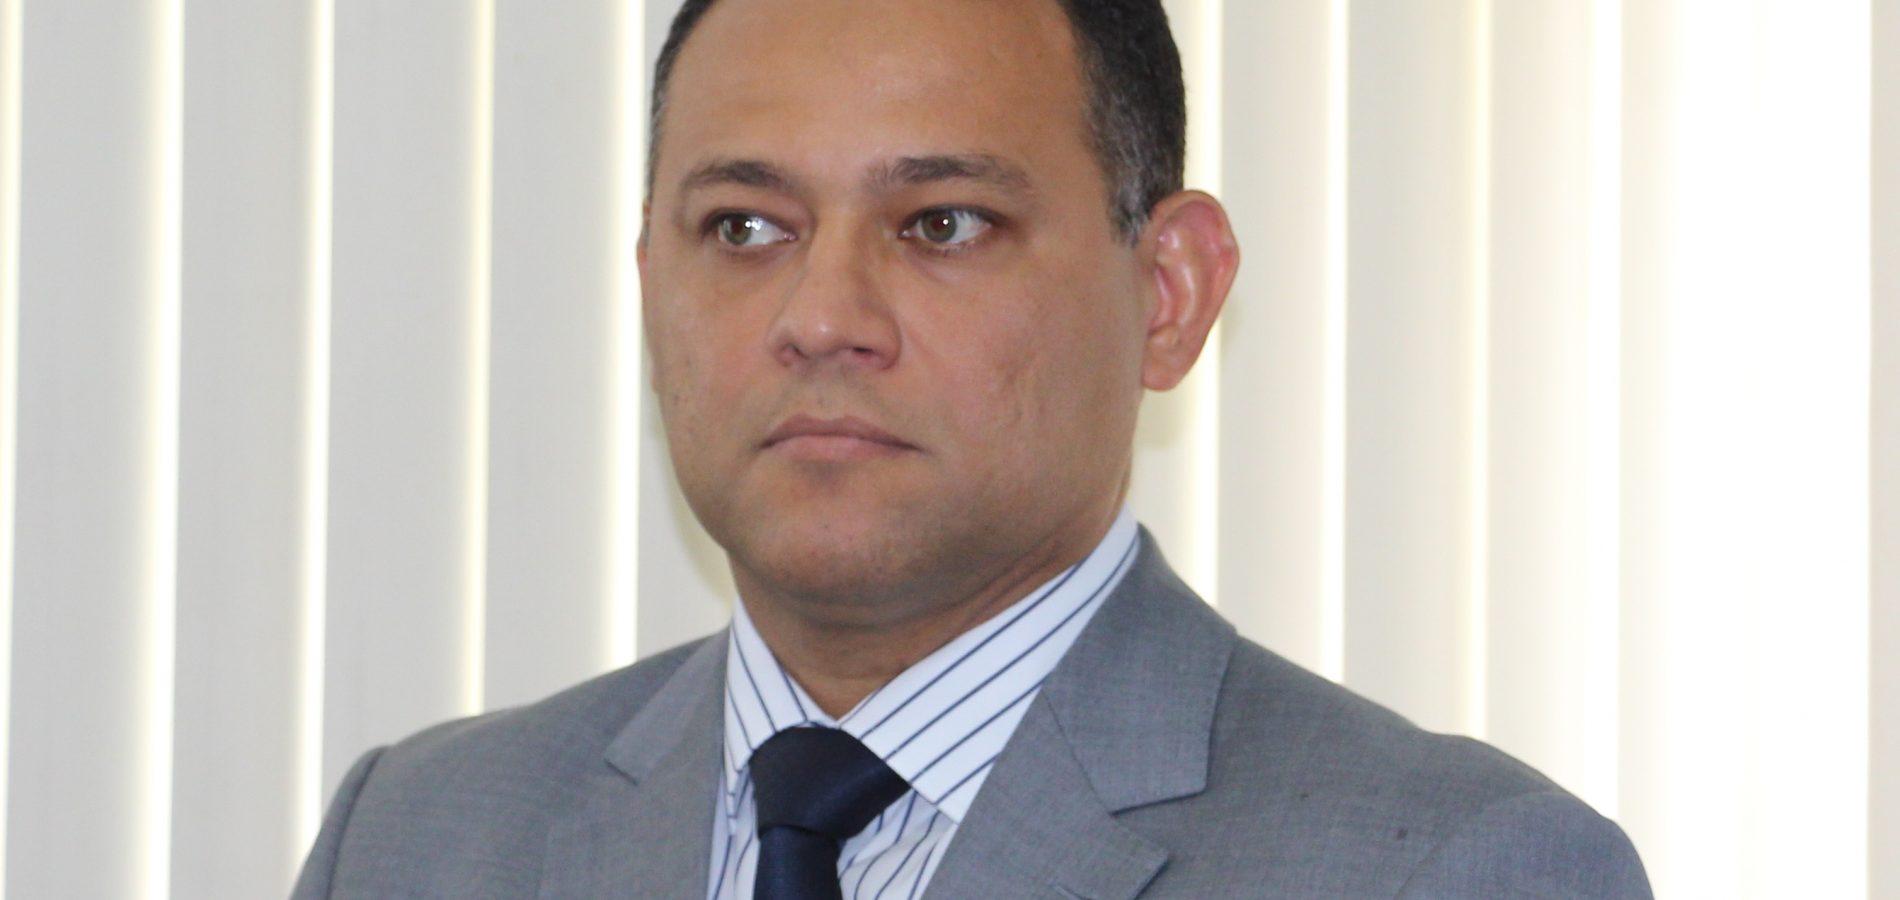 Delegados que entregarem cargos responderão processo disciplinar